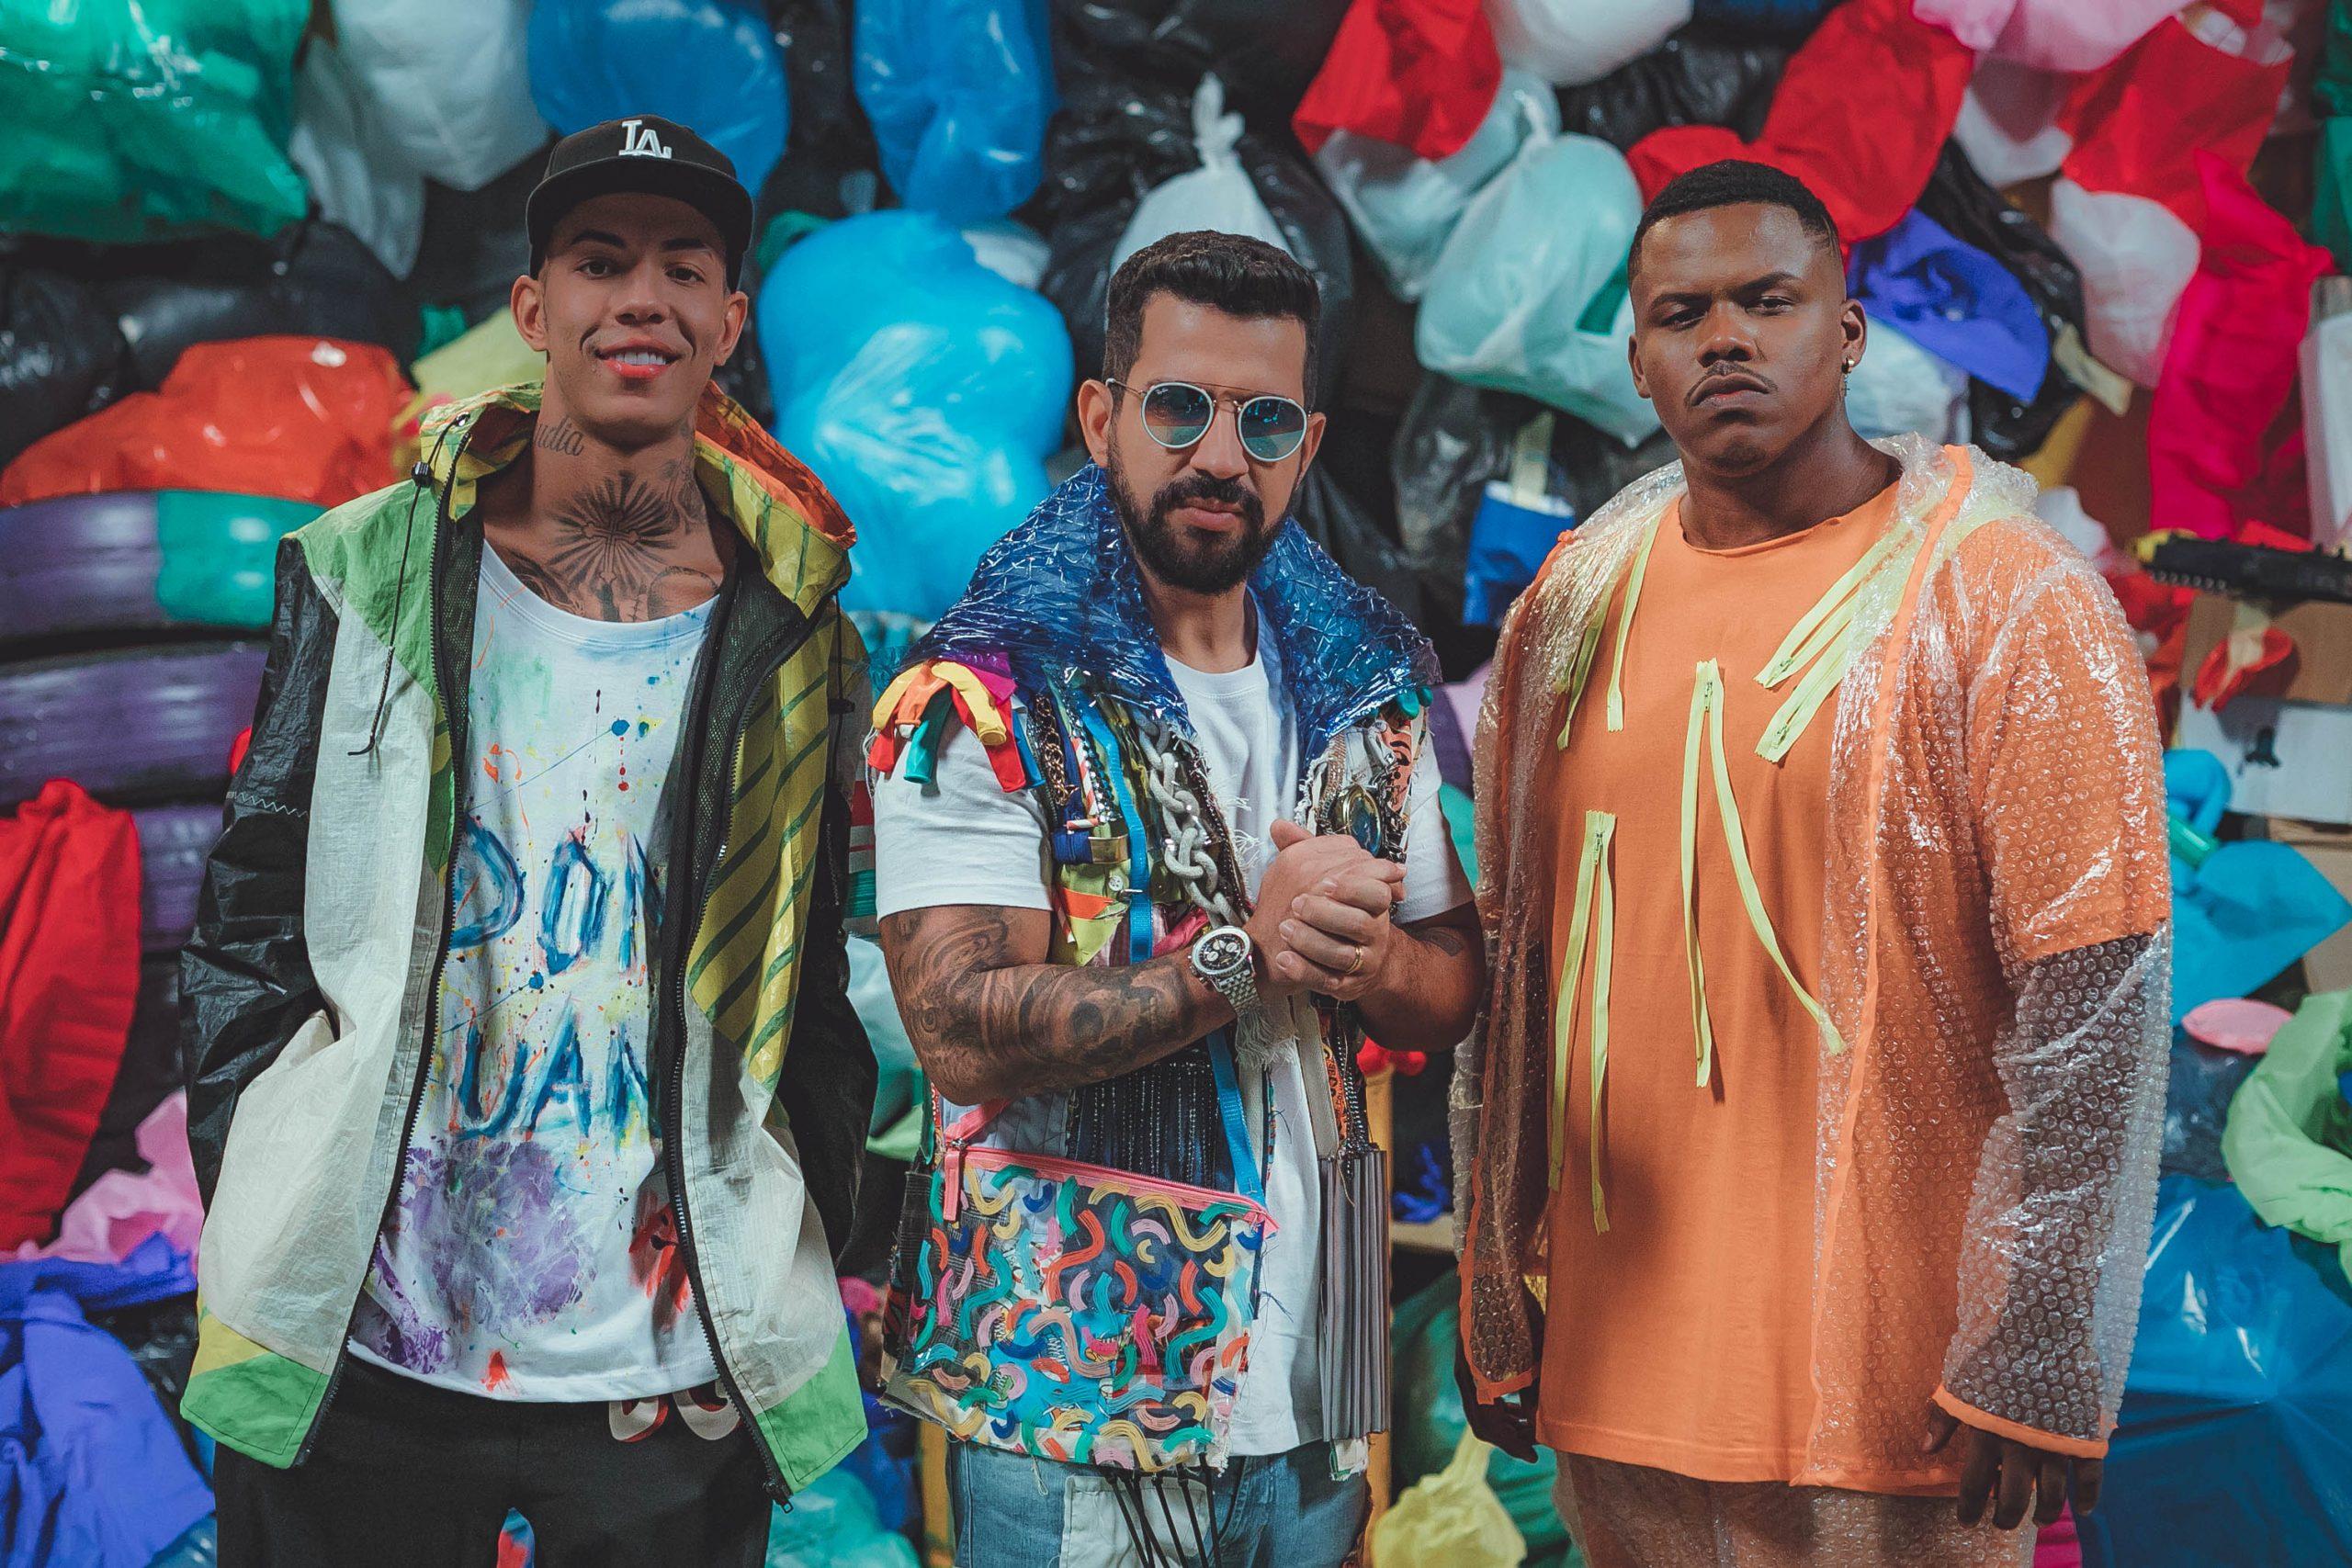 Dennis DJ, Don Juan e Jon Ferreira lançam clipe inclusivo de novo trabalho